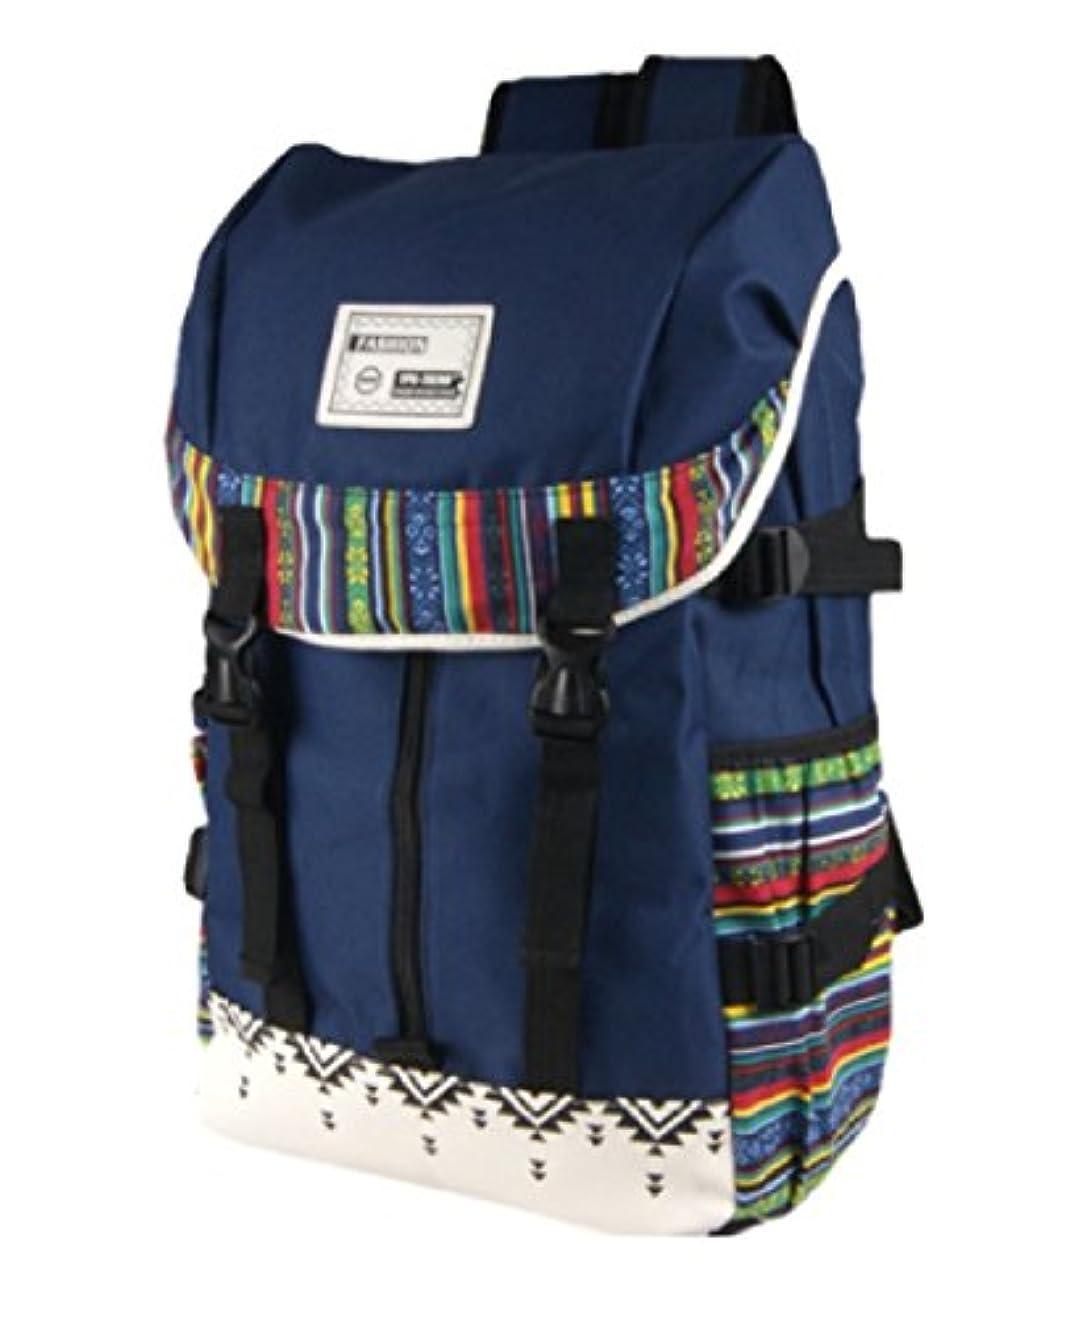 ほこりっぽい敬礼エステートKLU リュック リュックサック 大容量 エスニック デザイン バックパック バッグ 帆布 キャンバス 生地 旅行